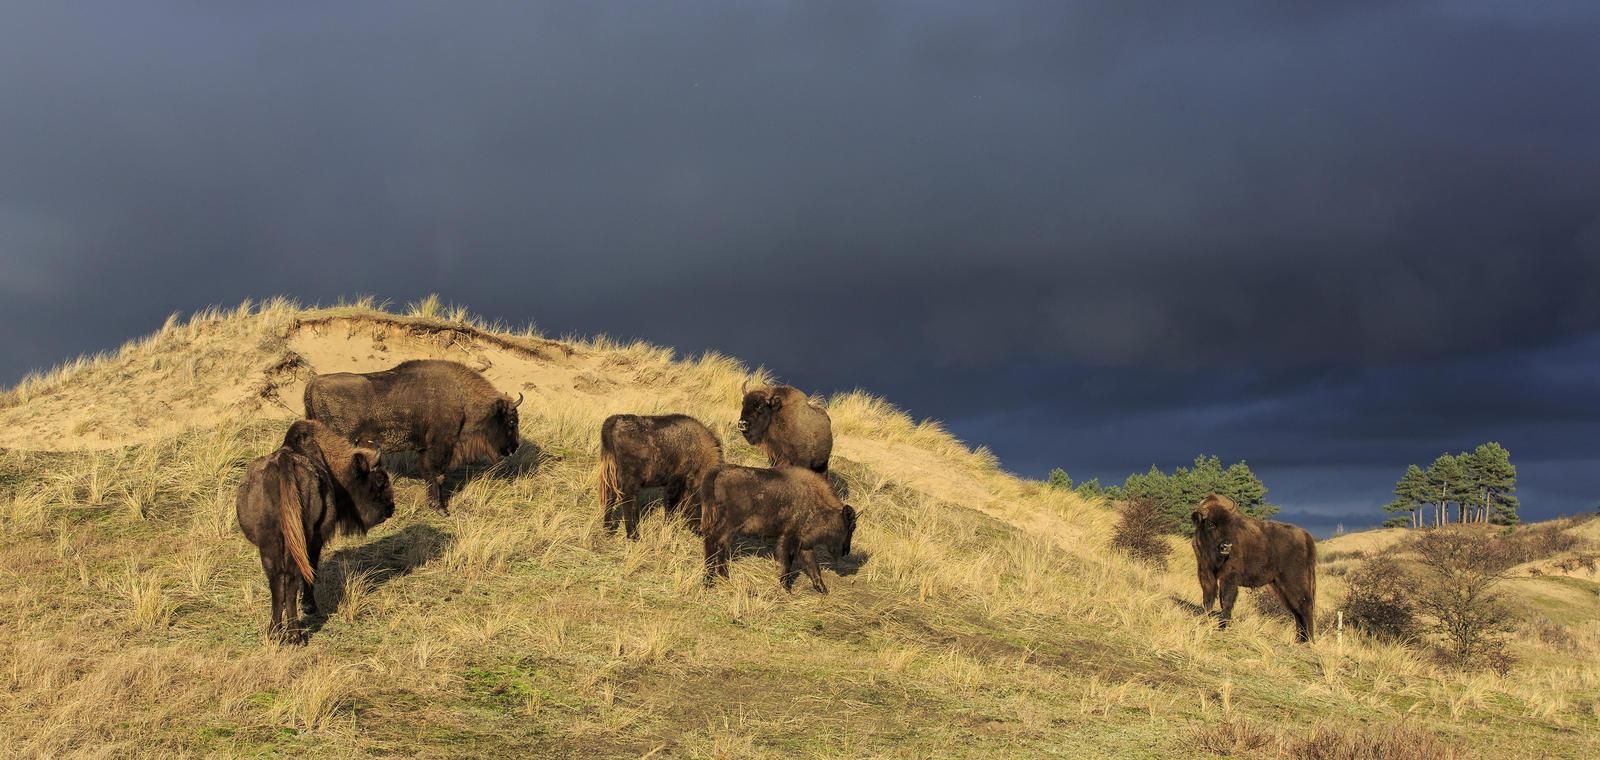 Wisenten tegen donkere achtergrond. Foto: Ruud Maaskant